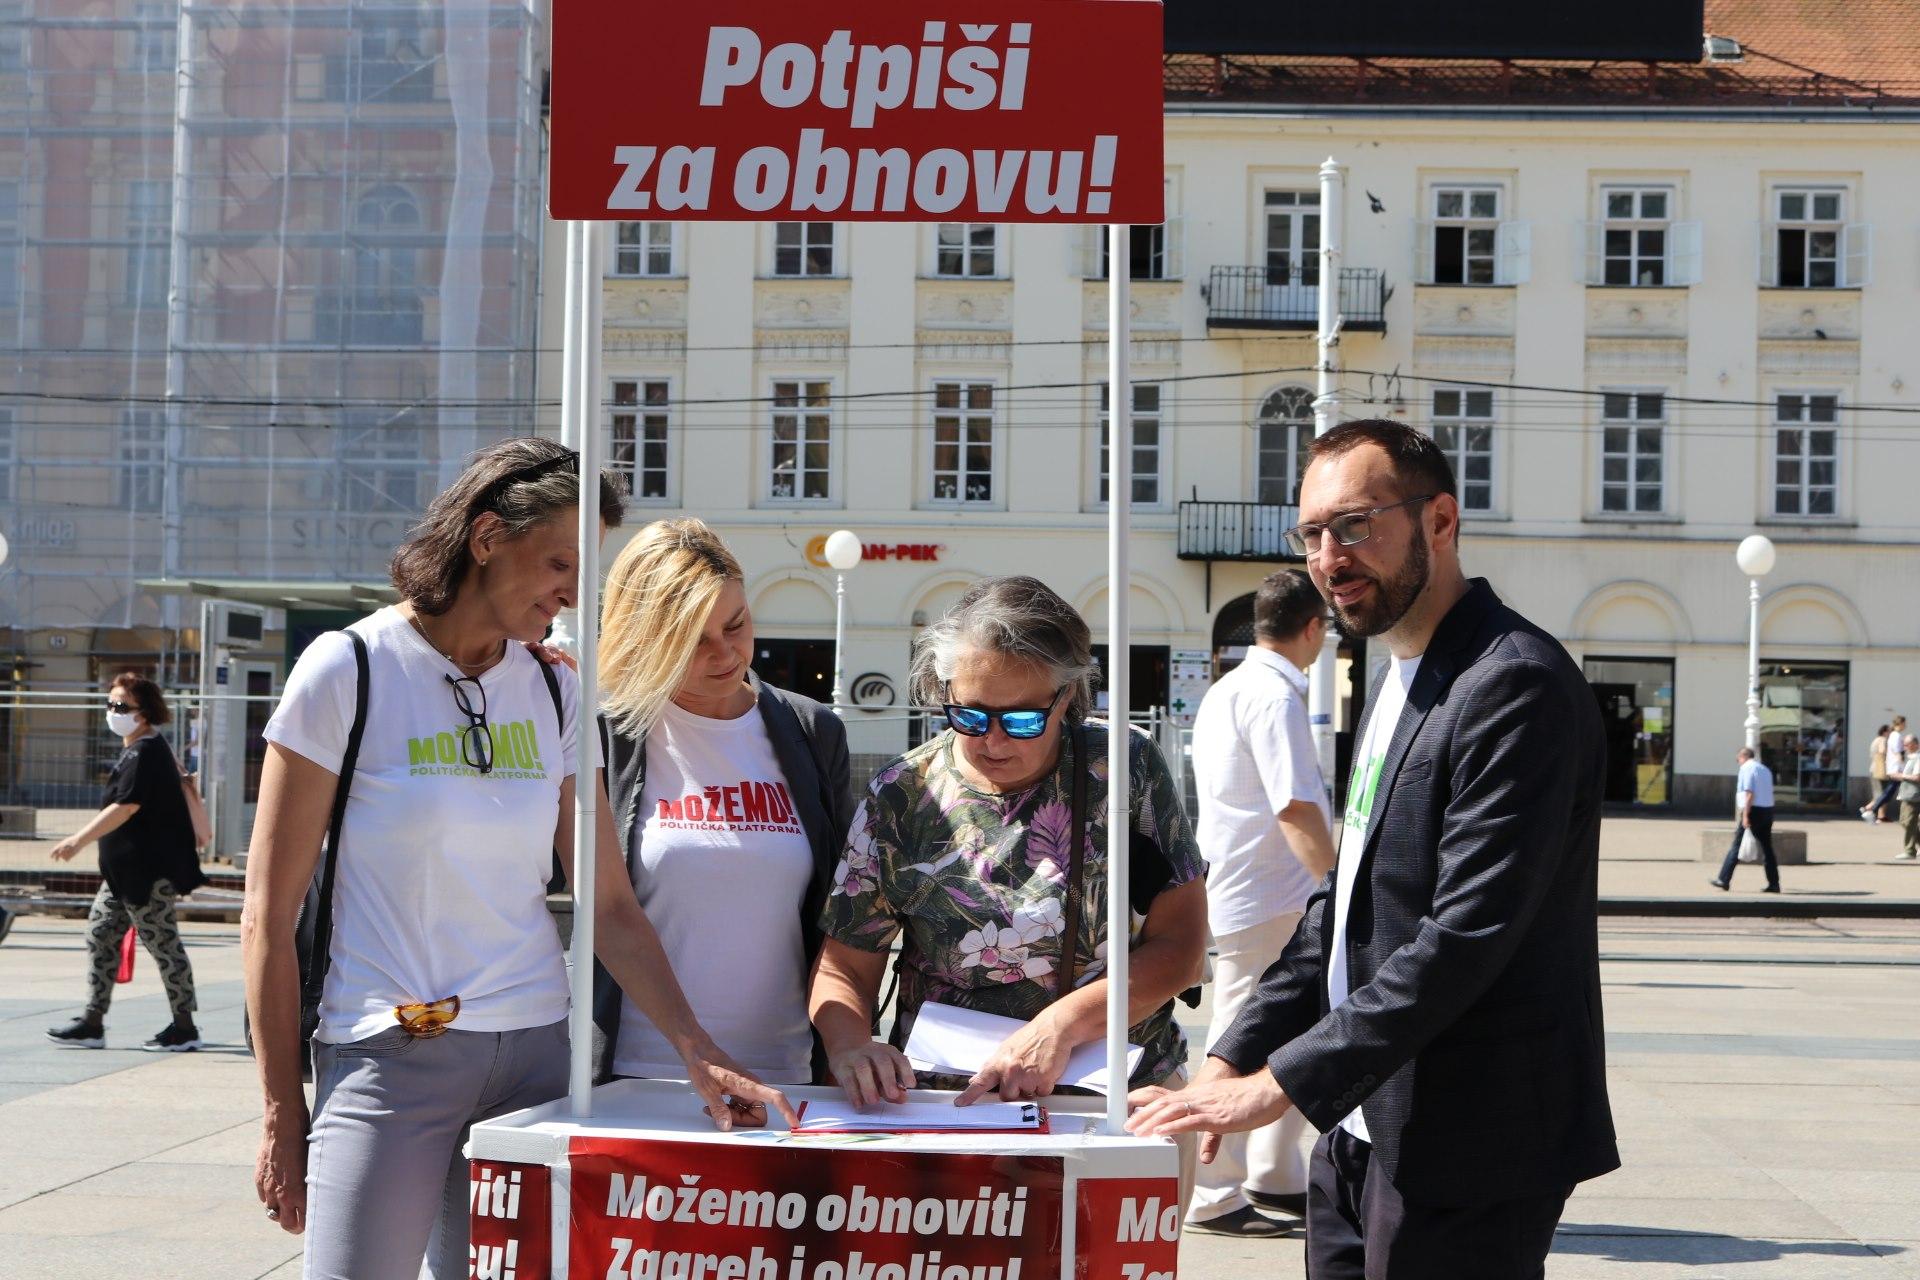 Prikupljeno 15 tisuća potpisa – peticija ide dalje